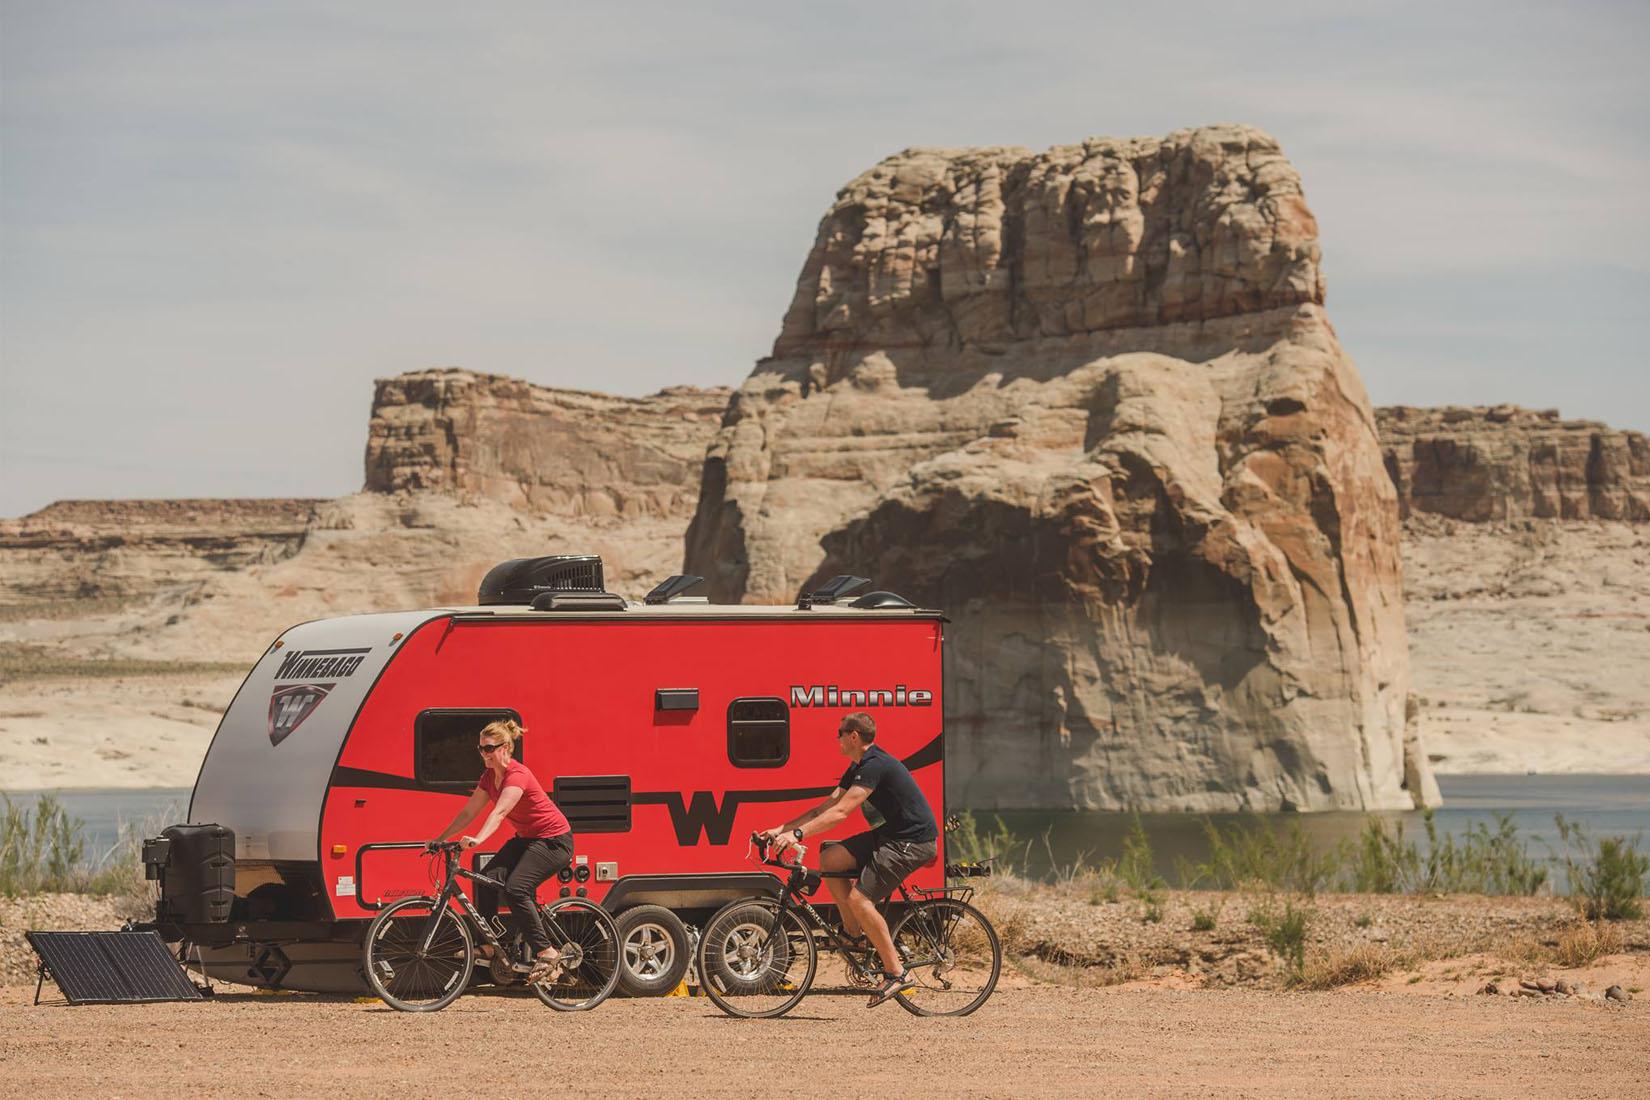 best travel trailers winnebago review Luxe Digital